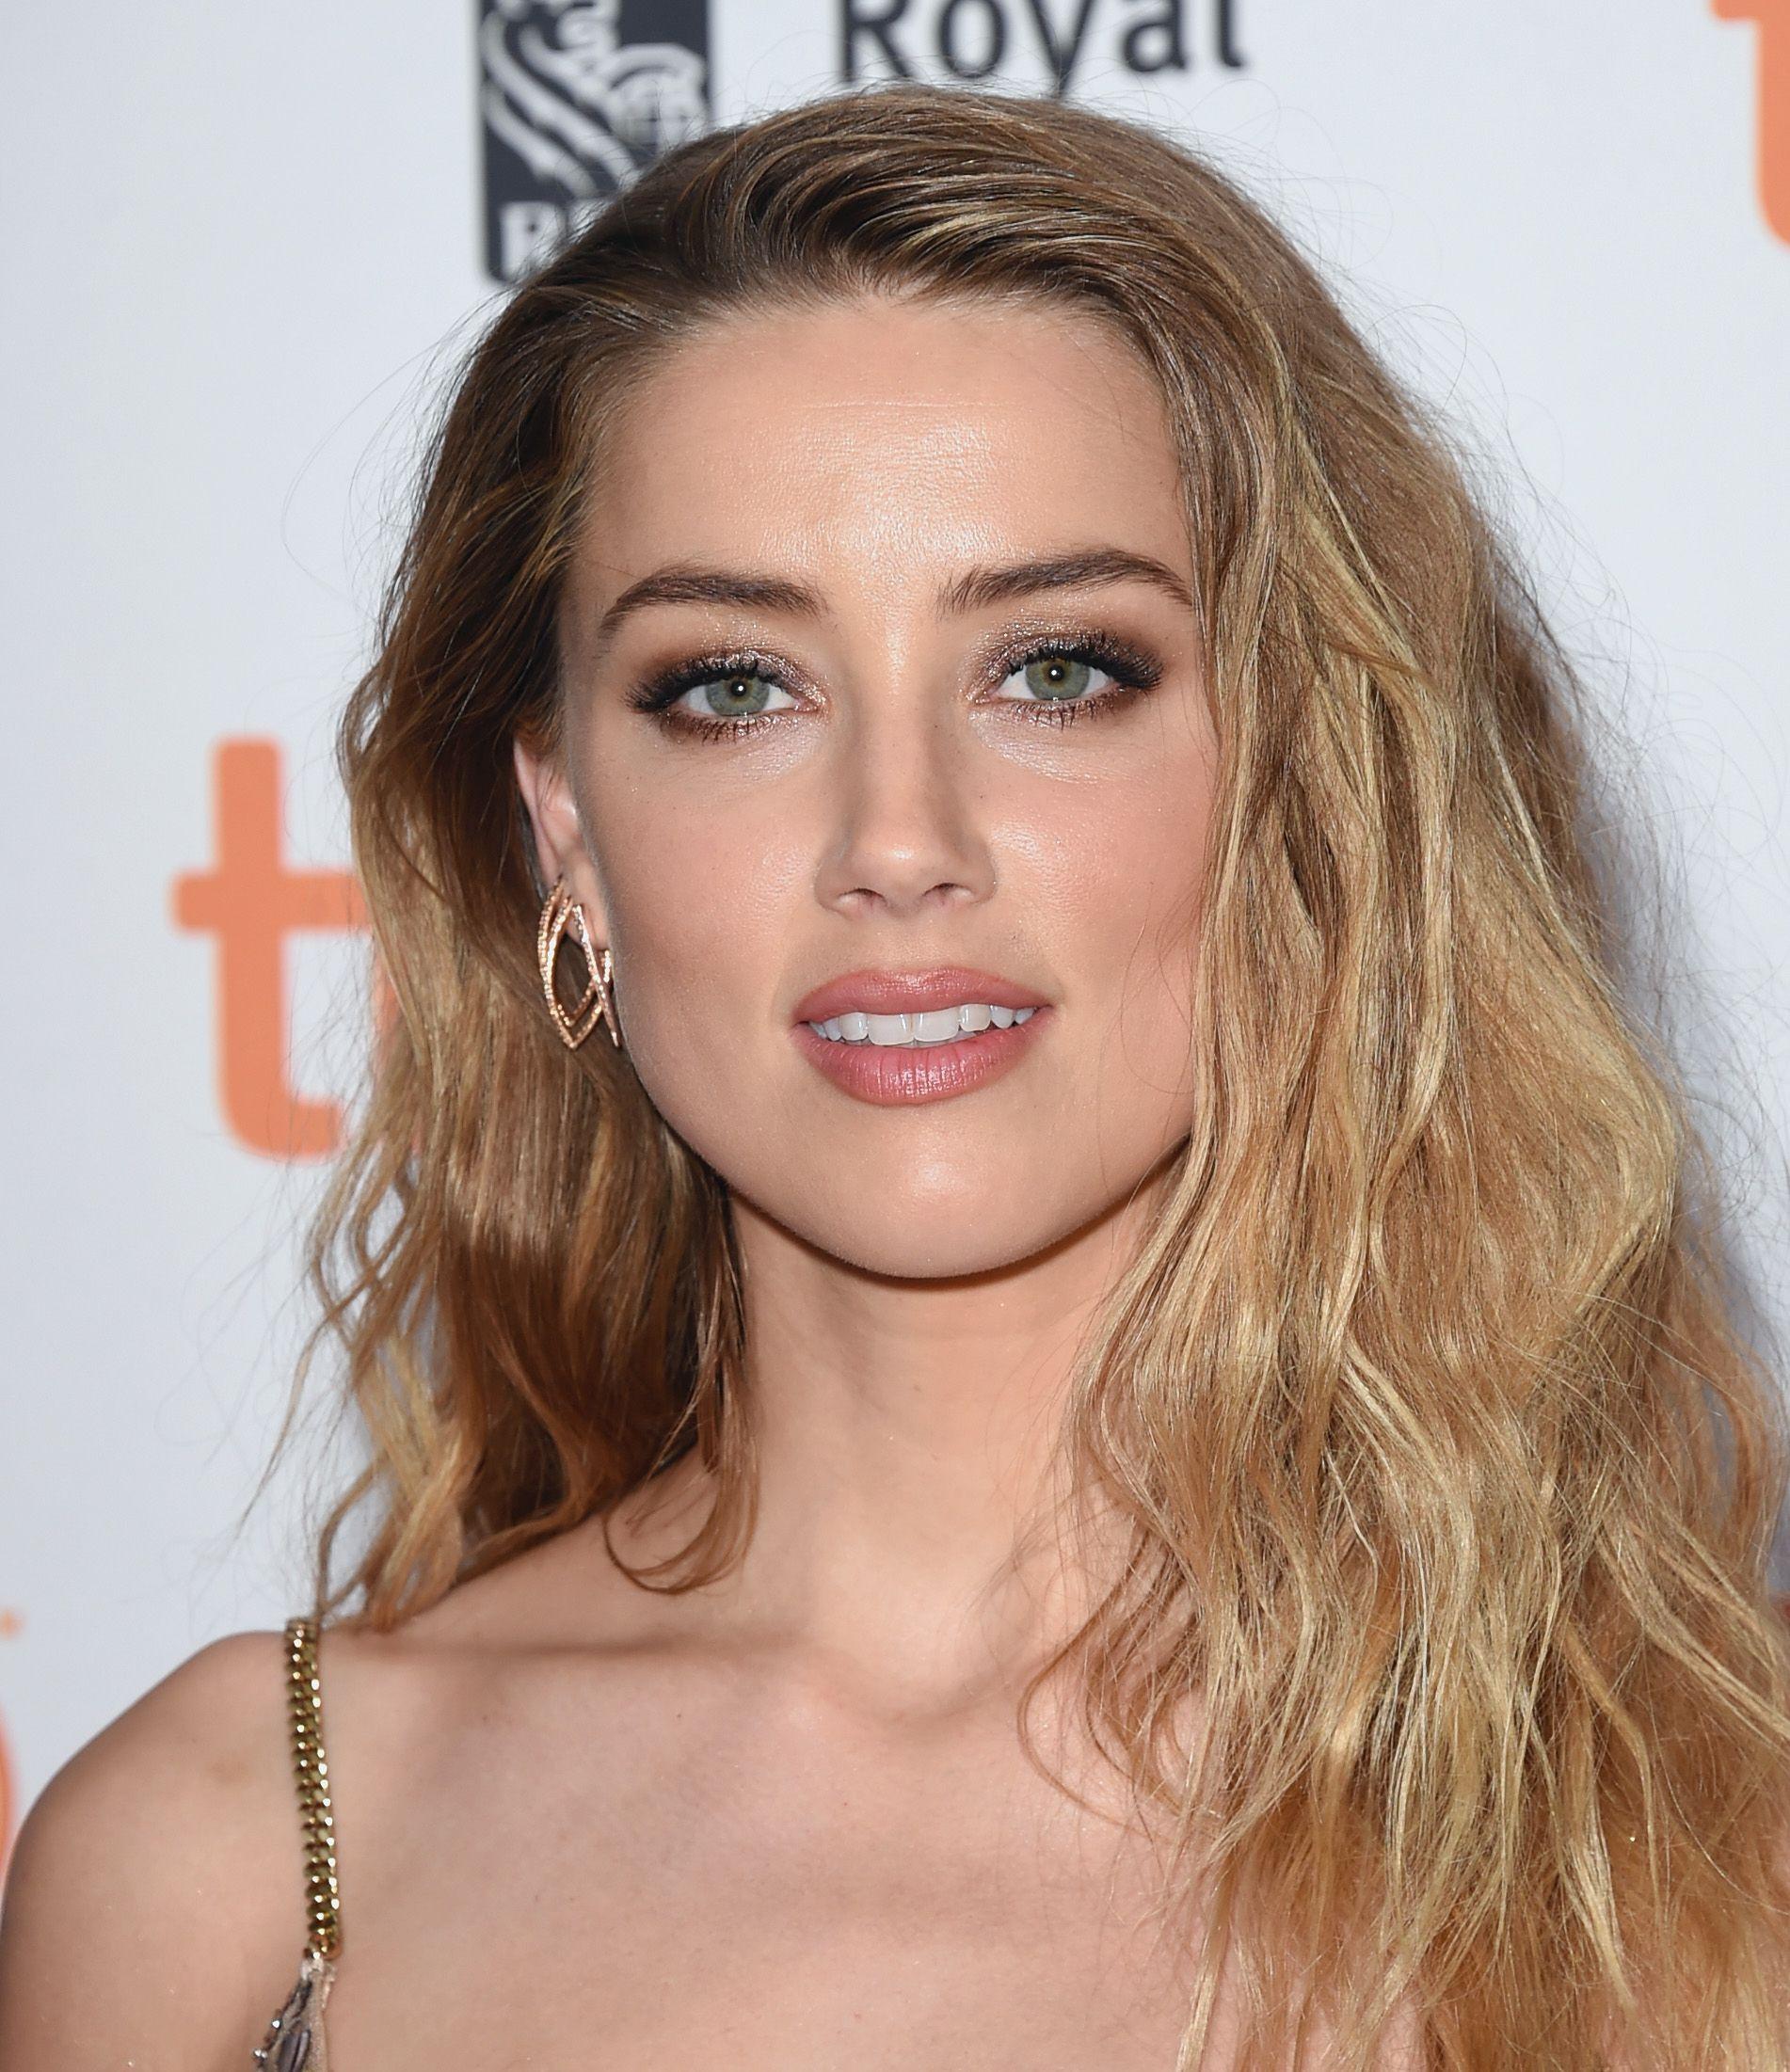 10 Makeup Mistakes Even Celebrities Make 10 Makeup Mistakes Even Celebrities Make new images